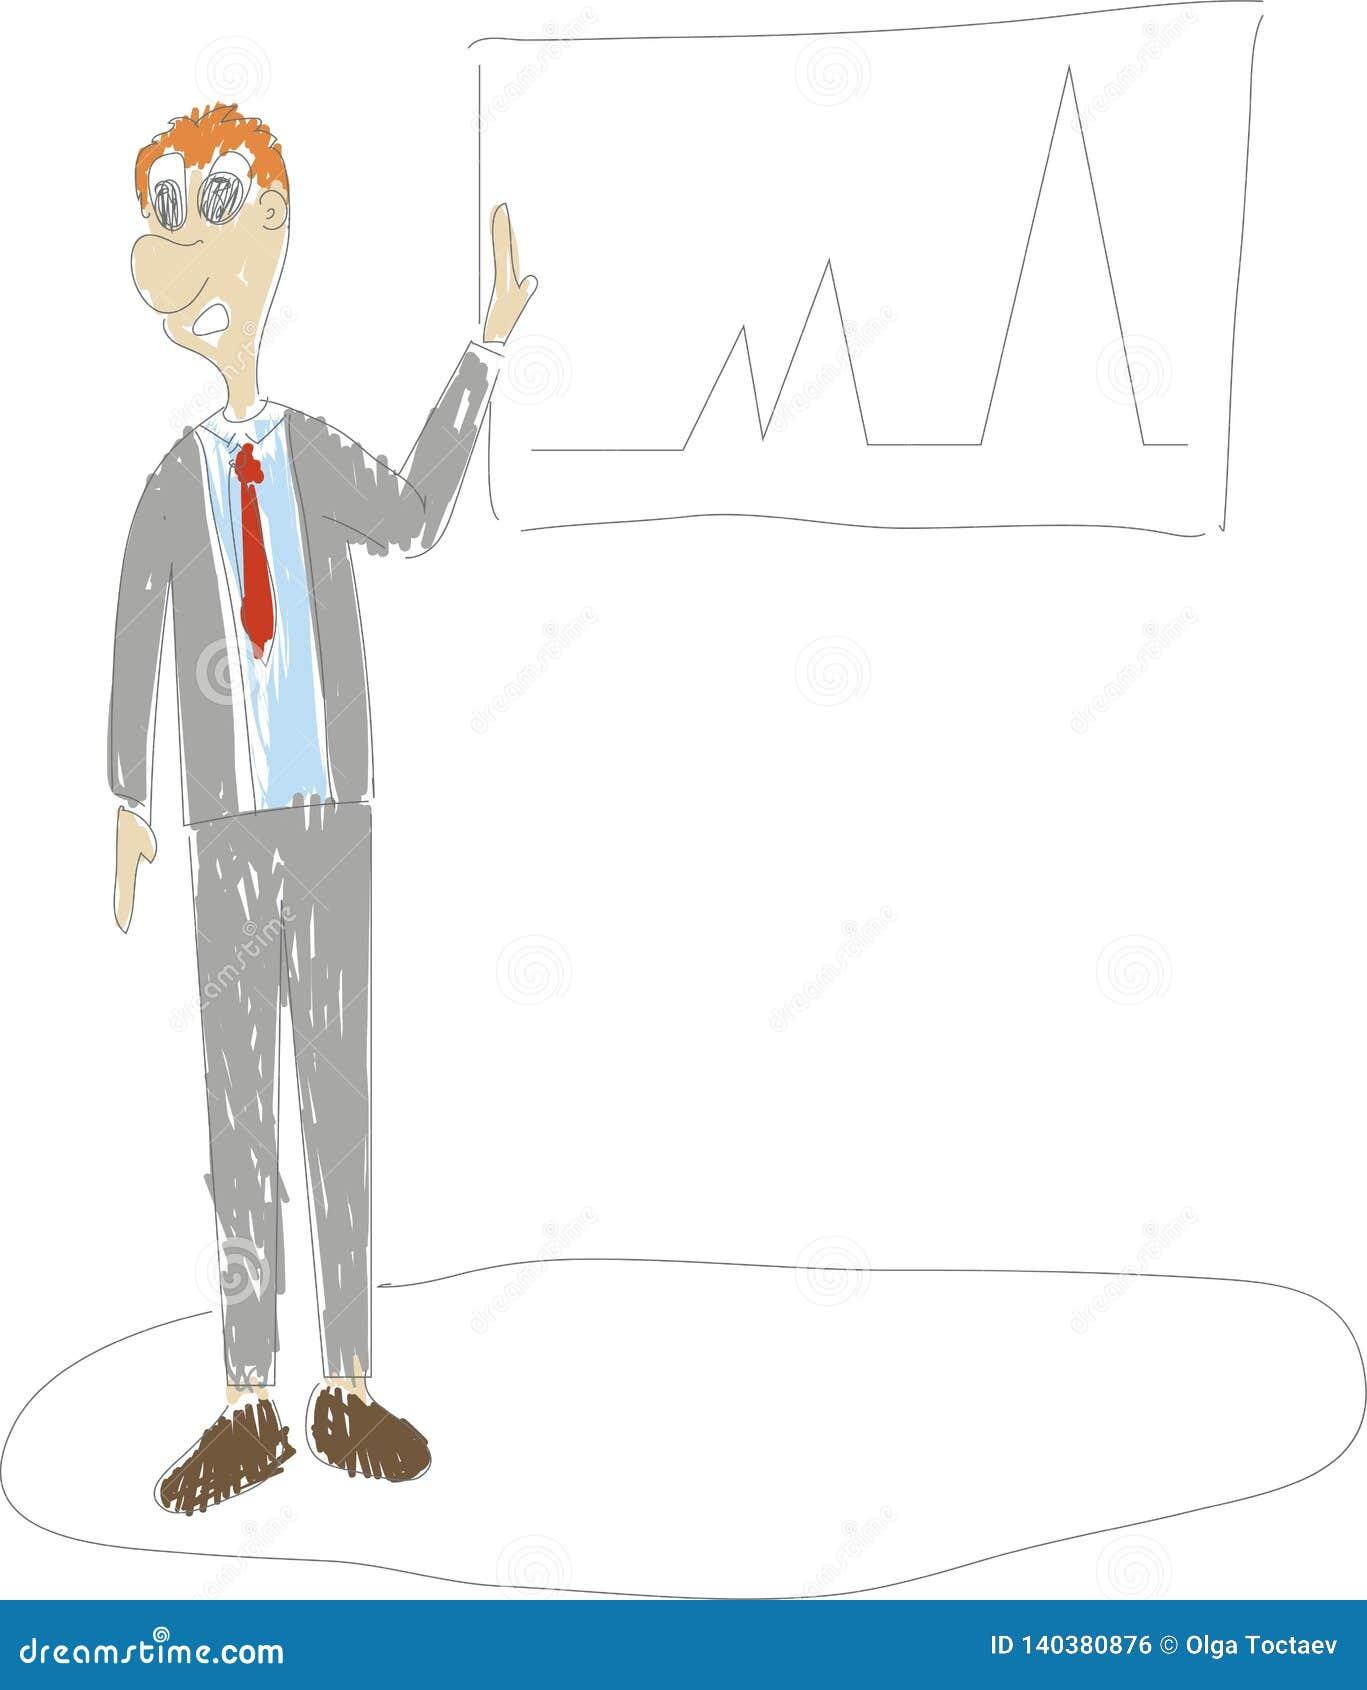 Disegno continuo della mano della situazione aziendale - diagramma in aumento stante del disegno dell uomo d affari